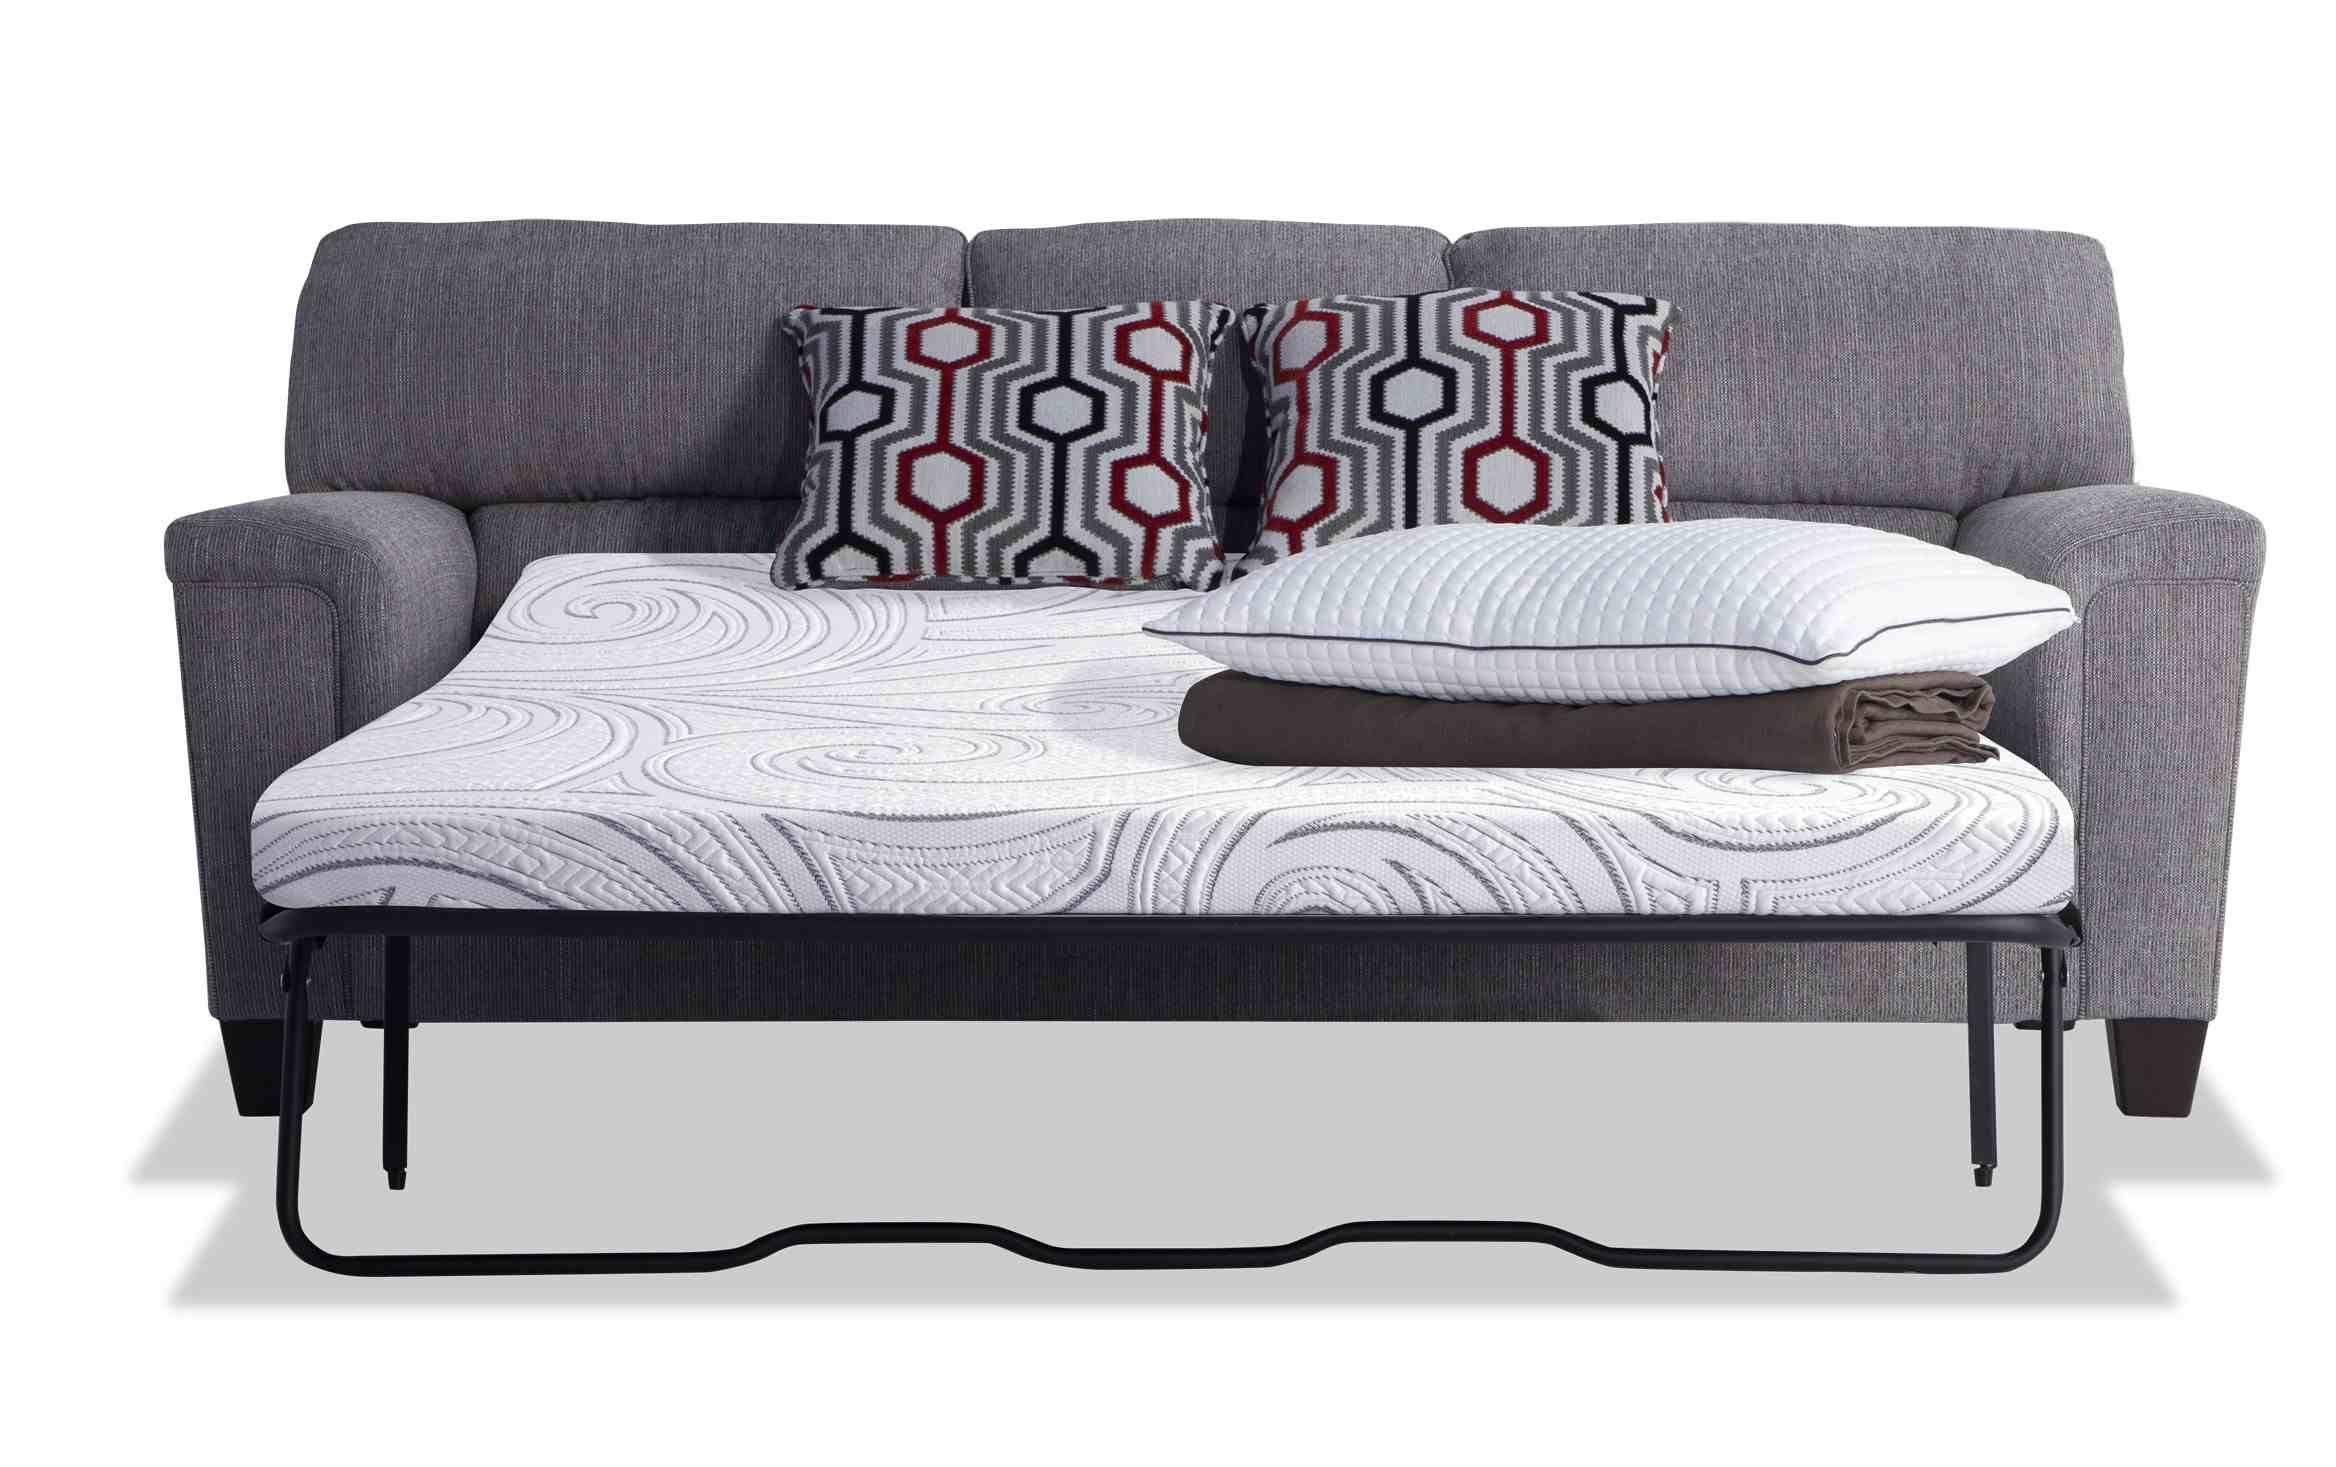 Calvin Concrete Gray BobOPedic Cooling Queen Sleeper